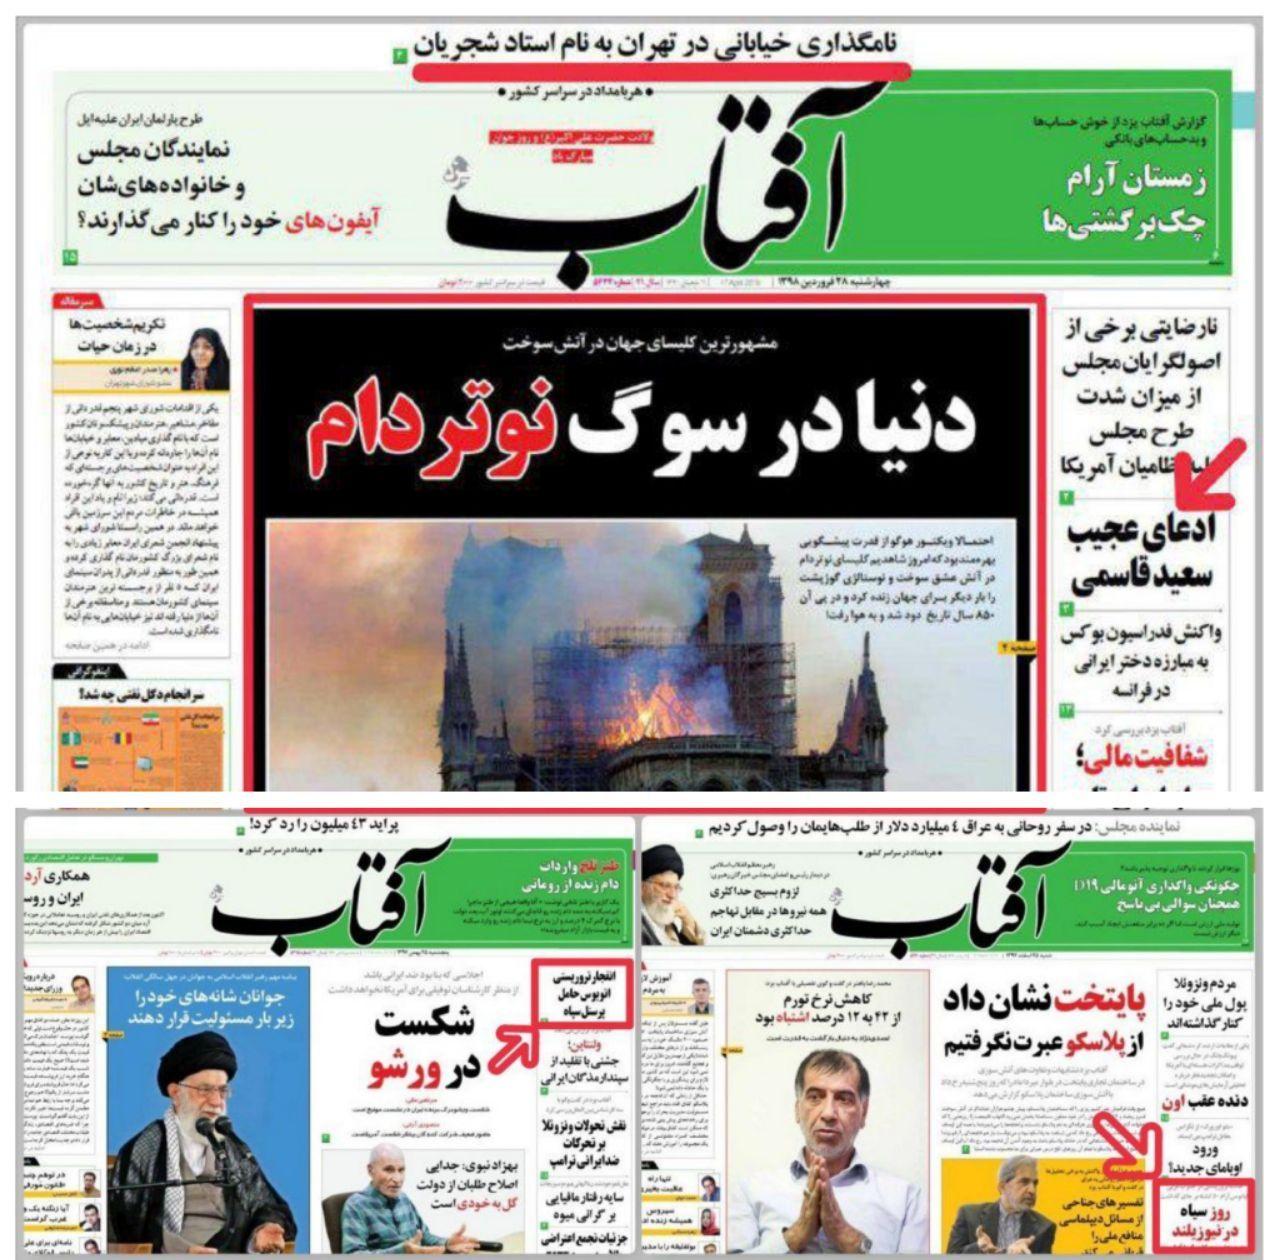 بی شرفی روزنامه آفتاب یزد به روایت تصویر